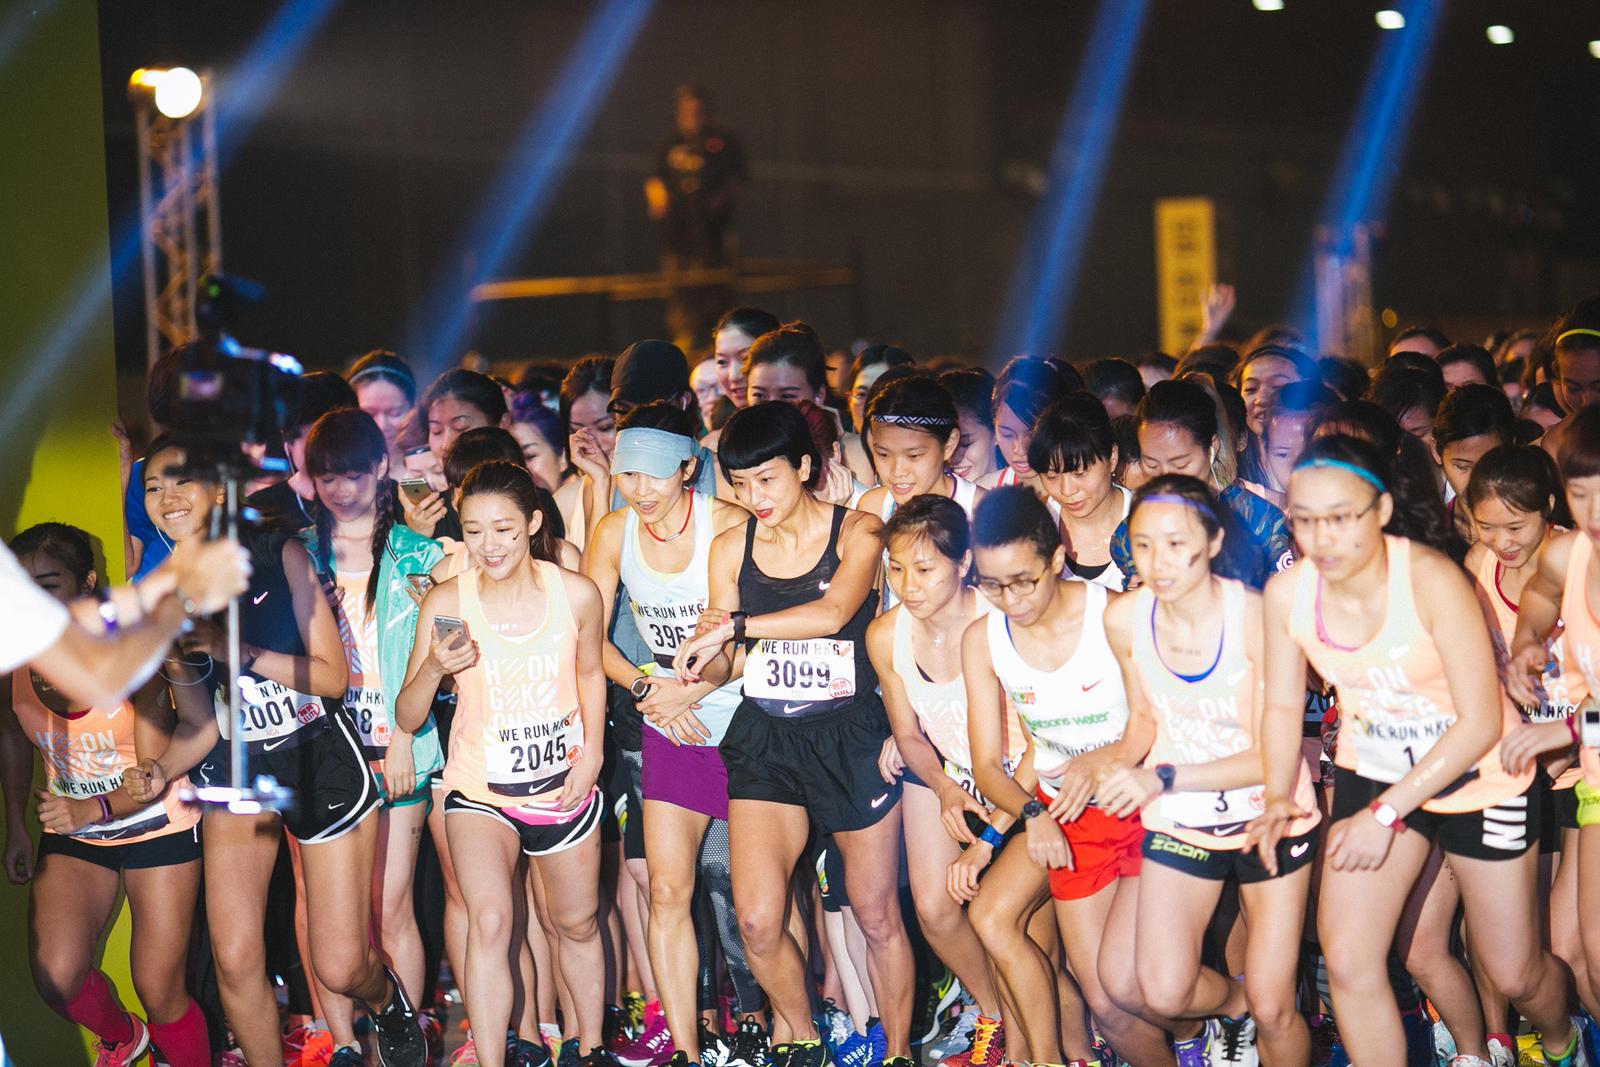 Nike-Womens-desperte-o-seu-melhor-brasil11